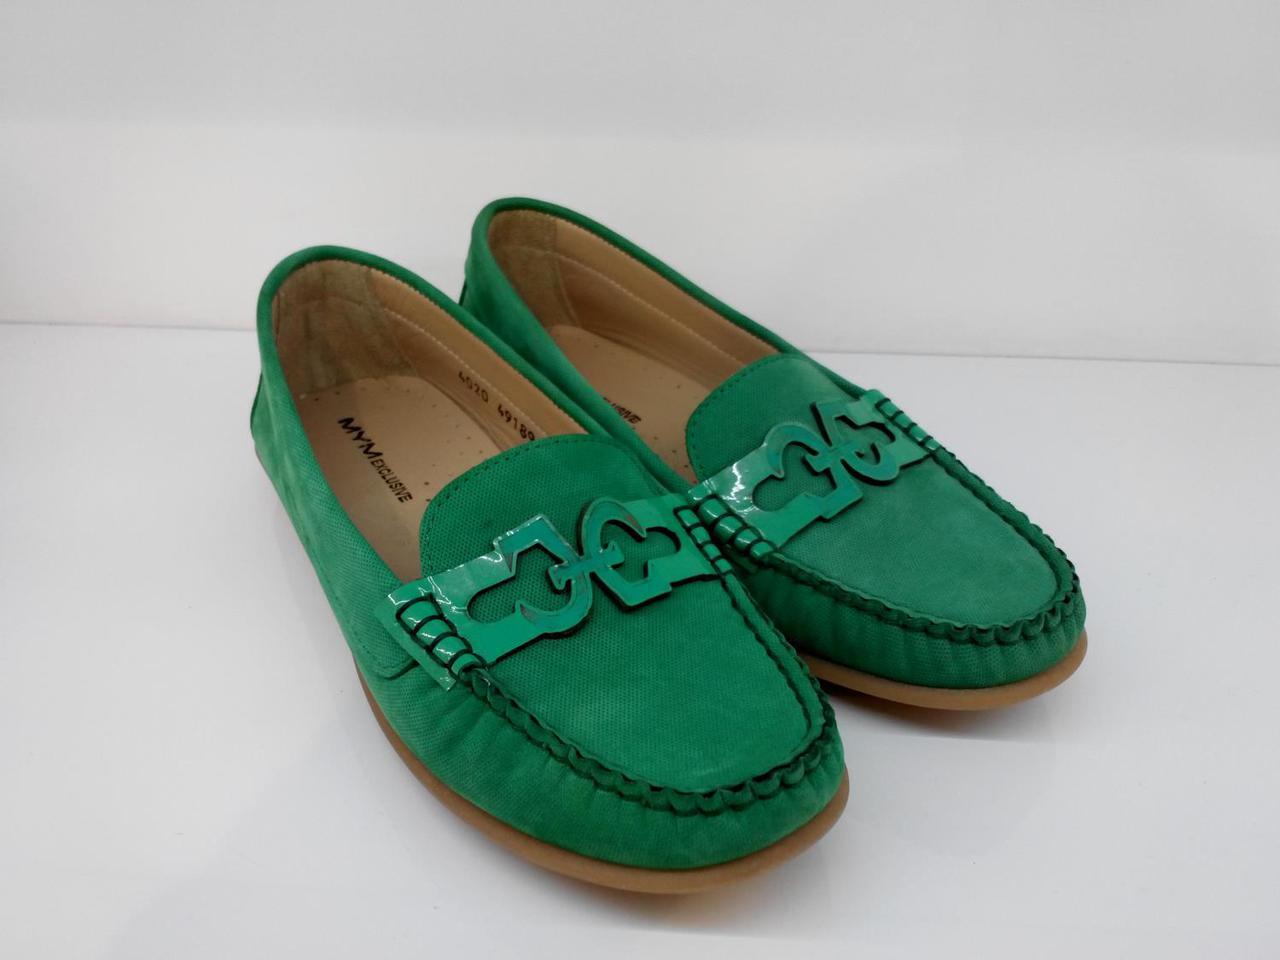 Мокасини Etor 4020-2532 37 зелені